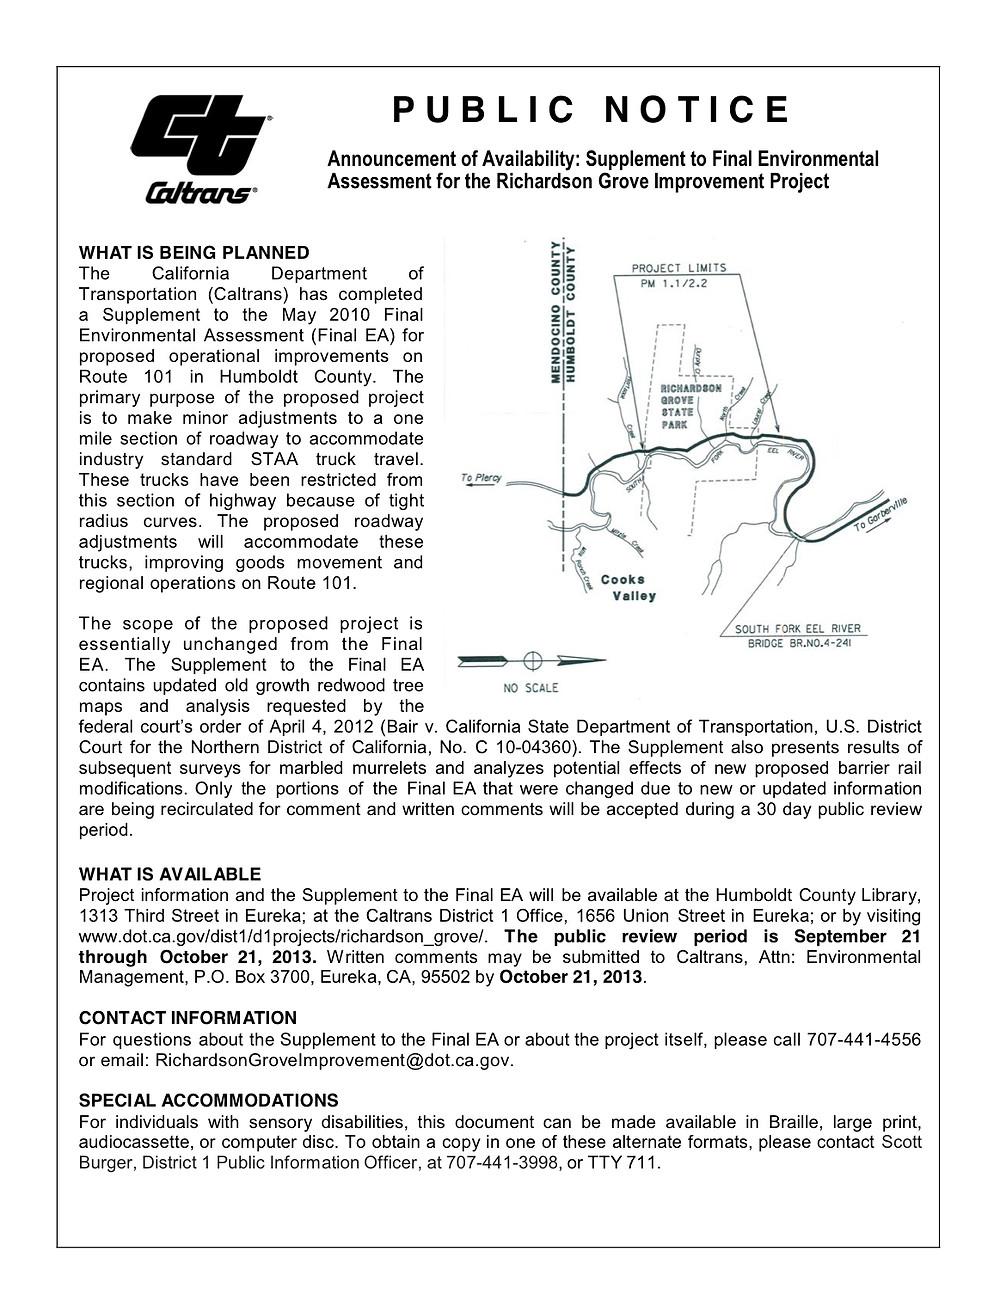 Caltrans-public_notice_richardson_grove_supplement_ea_09-2013